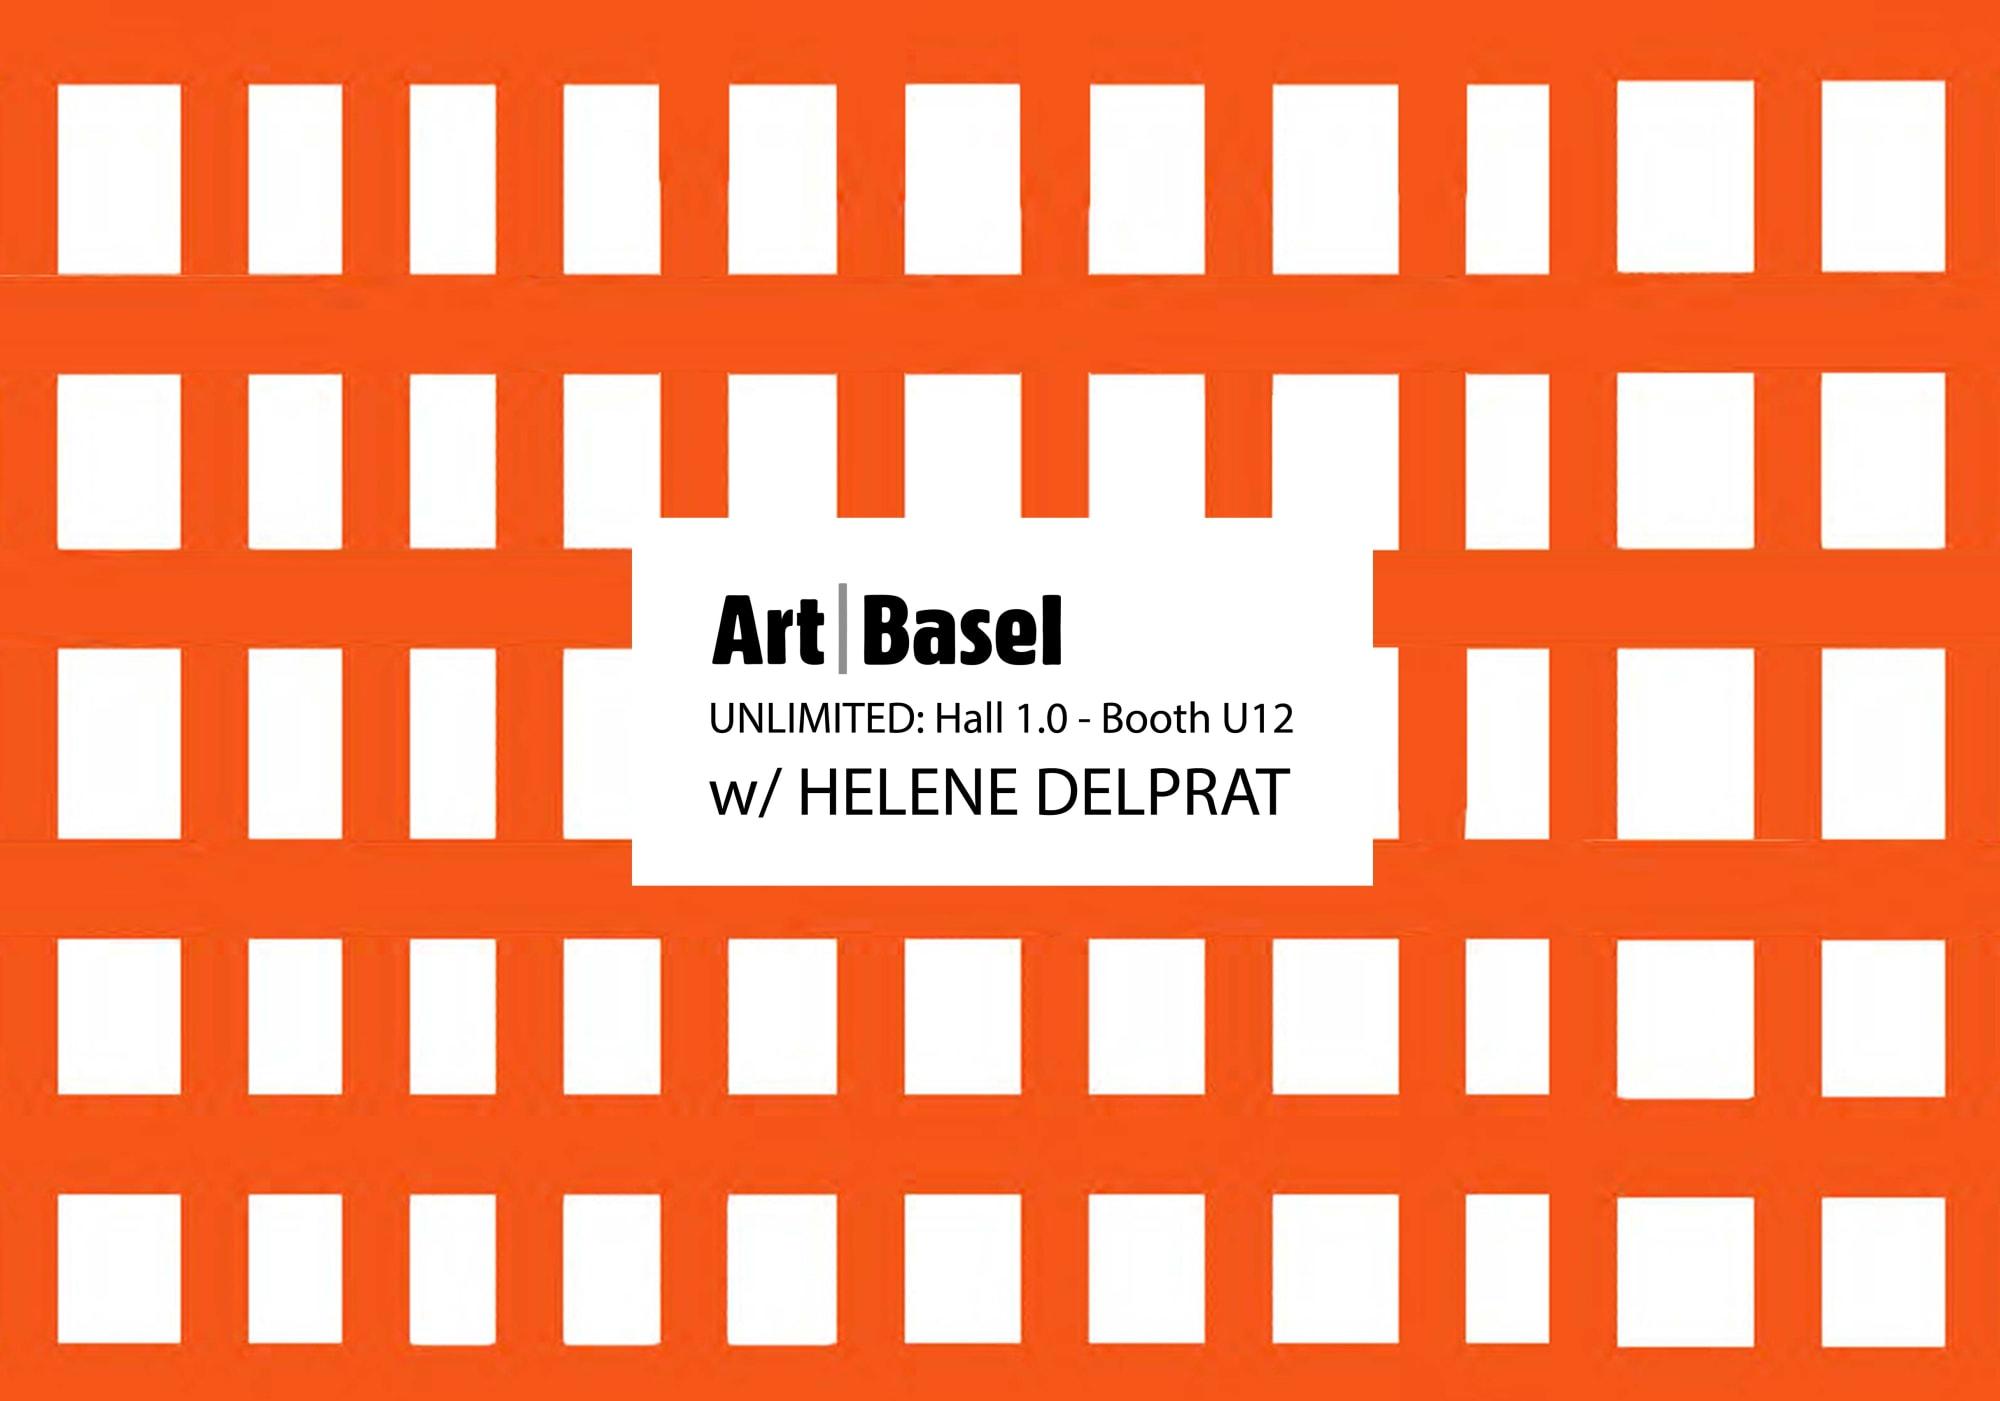 Hélène DELPRAT: The Nautilus Room, ART BASEL UNLIMITED